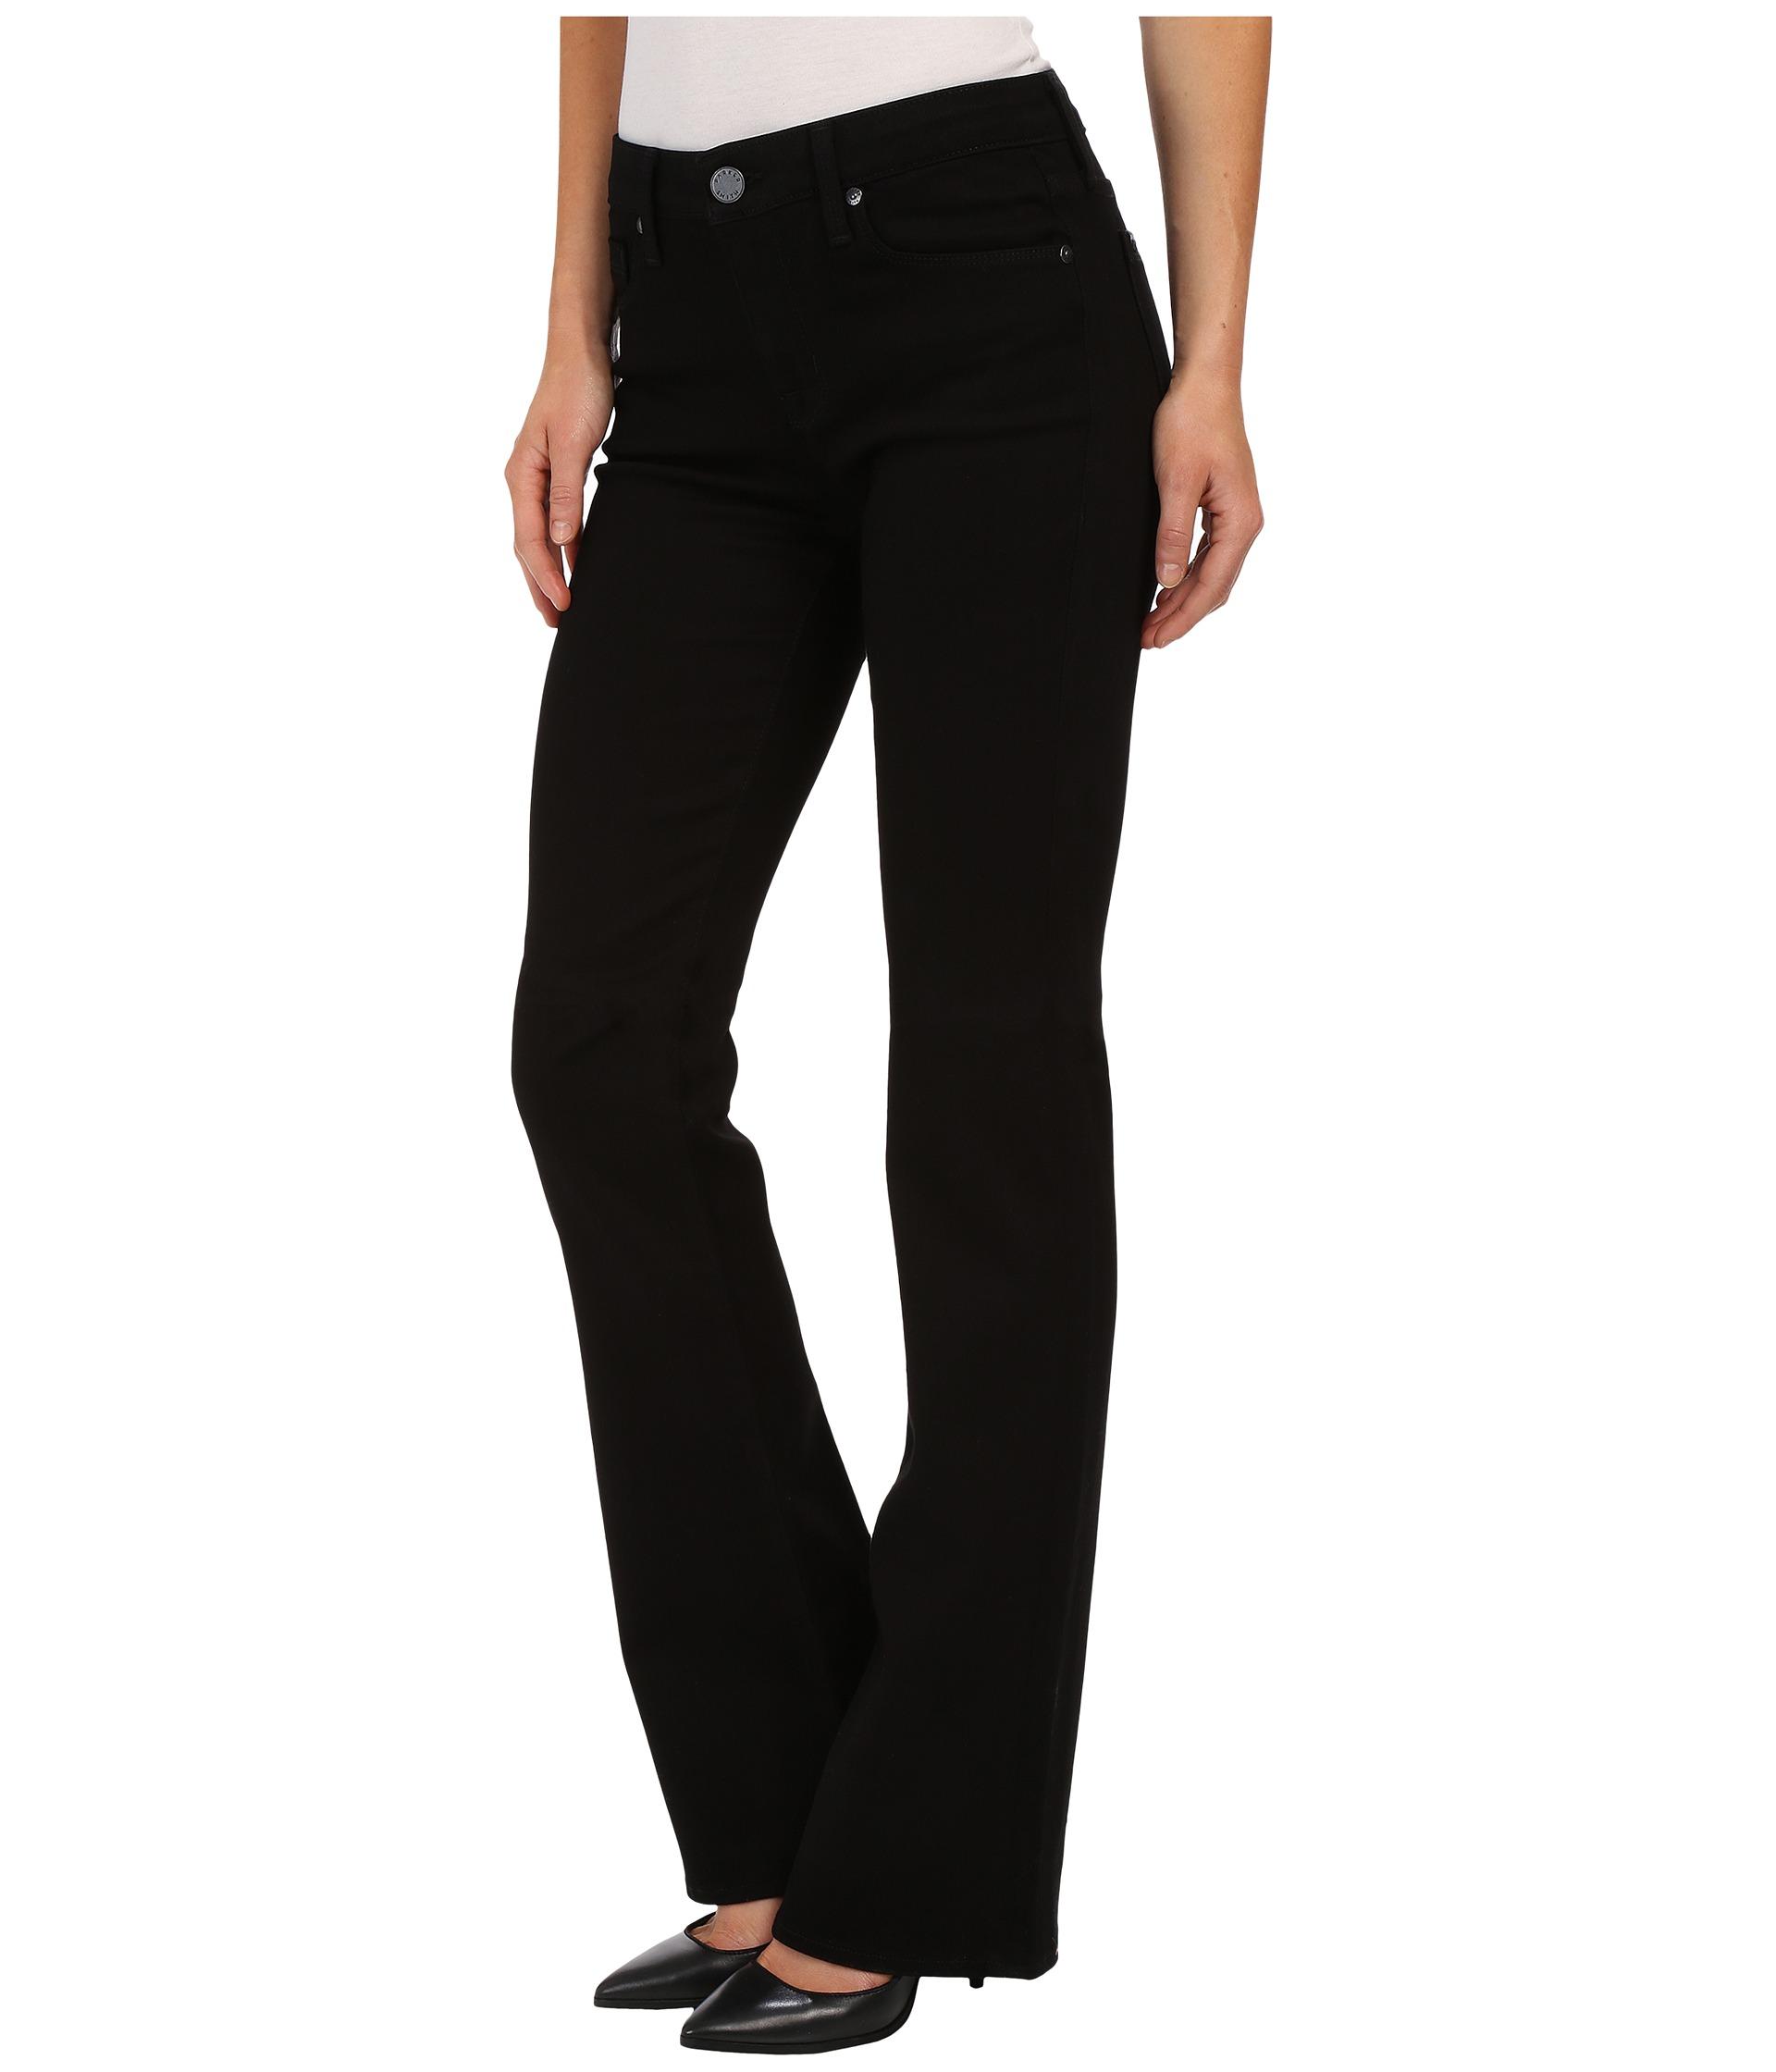 Khaki Jeans For Men Images Hoodies Gt